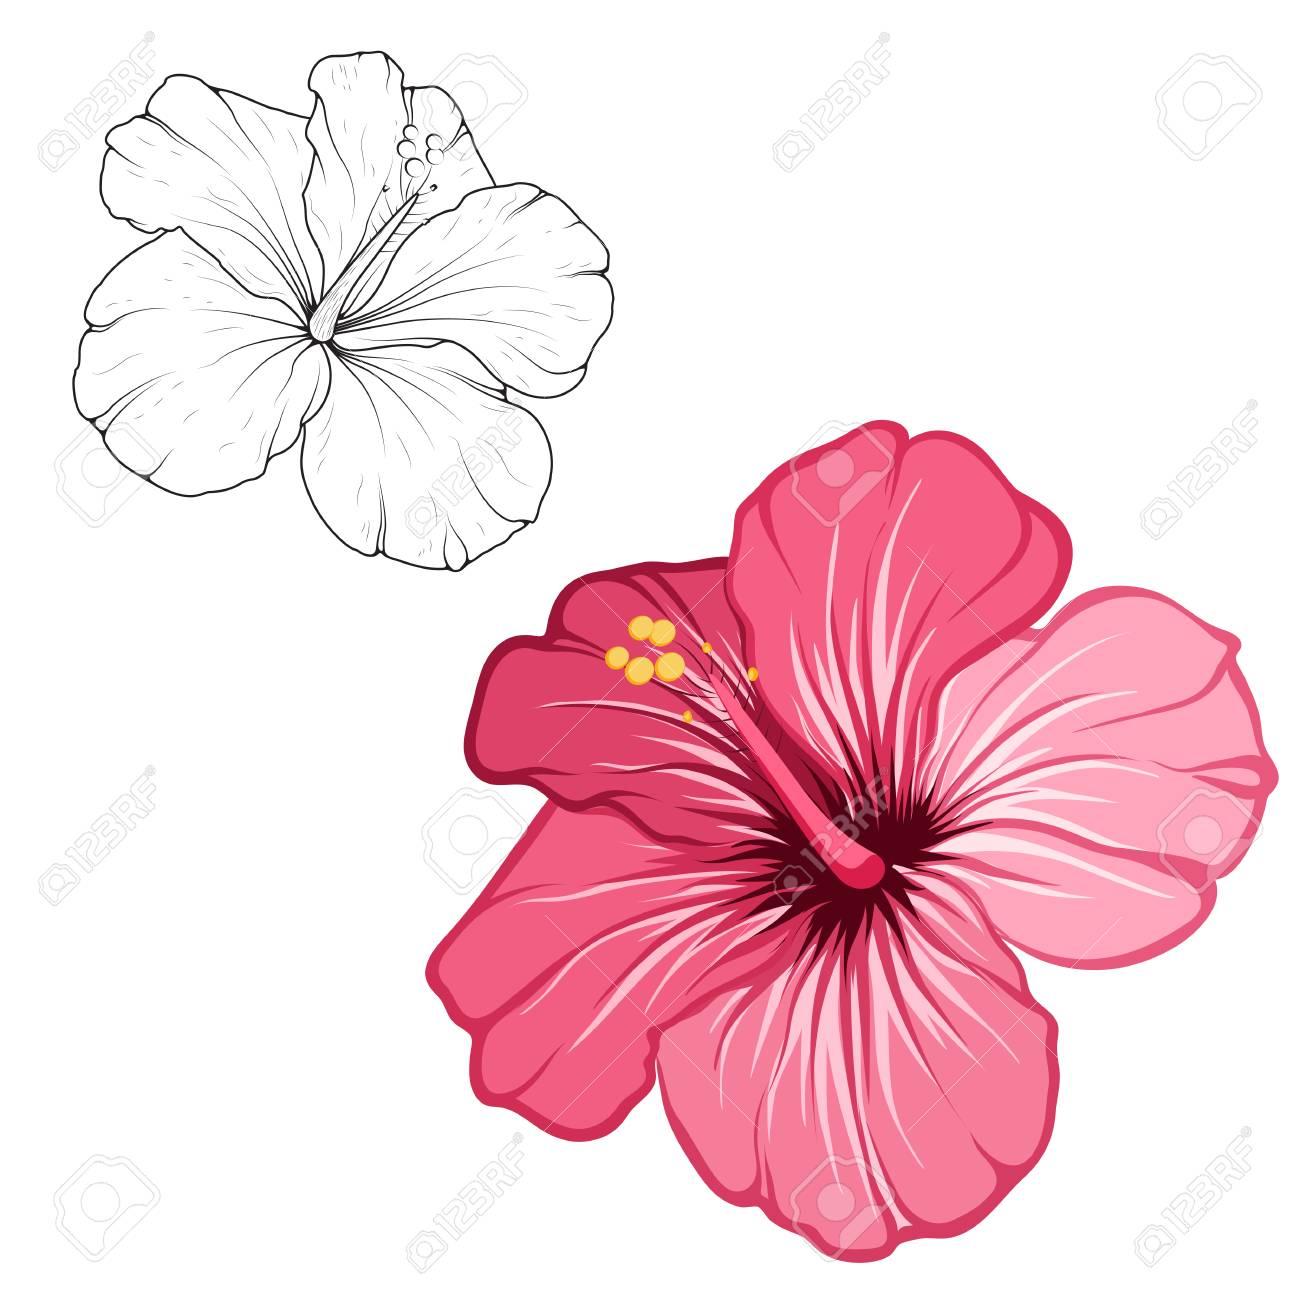 Hibiscus Belle Fleur Fleurissant Isolée Sur Fond Blanc Vue Détaillée De Macro Closeup Jeu De Dessin De Couleur Noir Contour Blanc Croquis